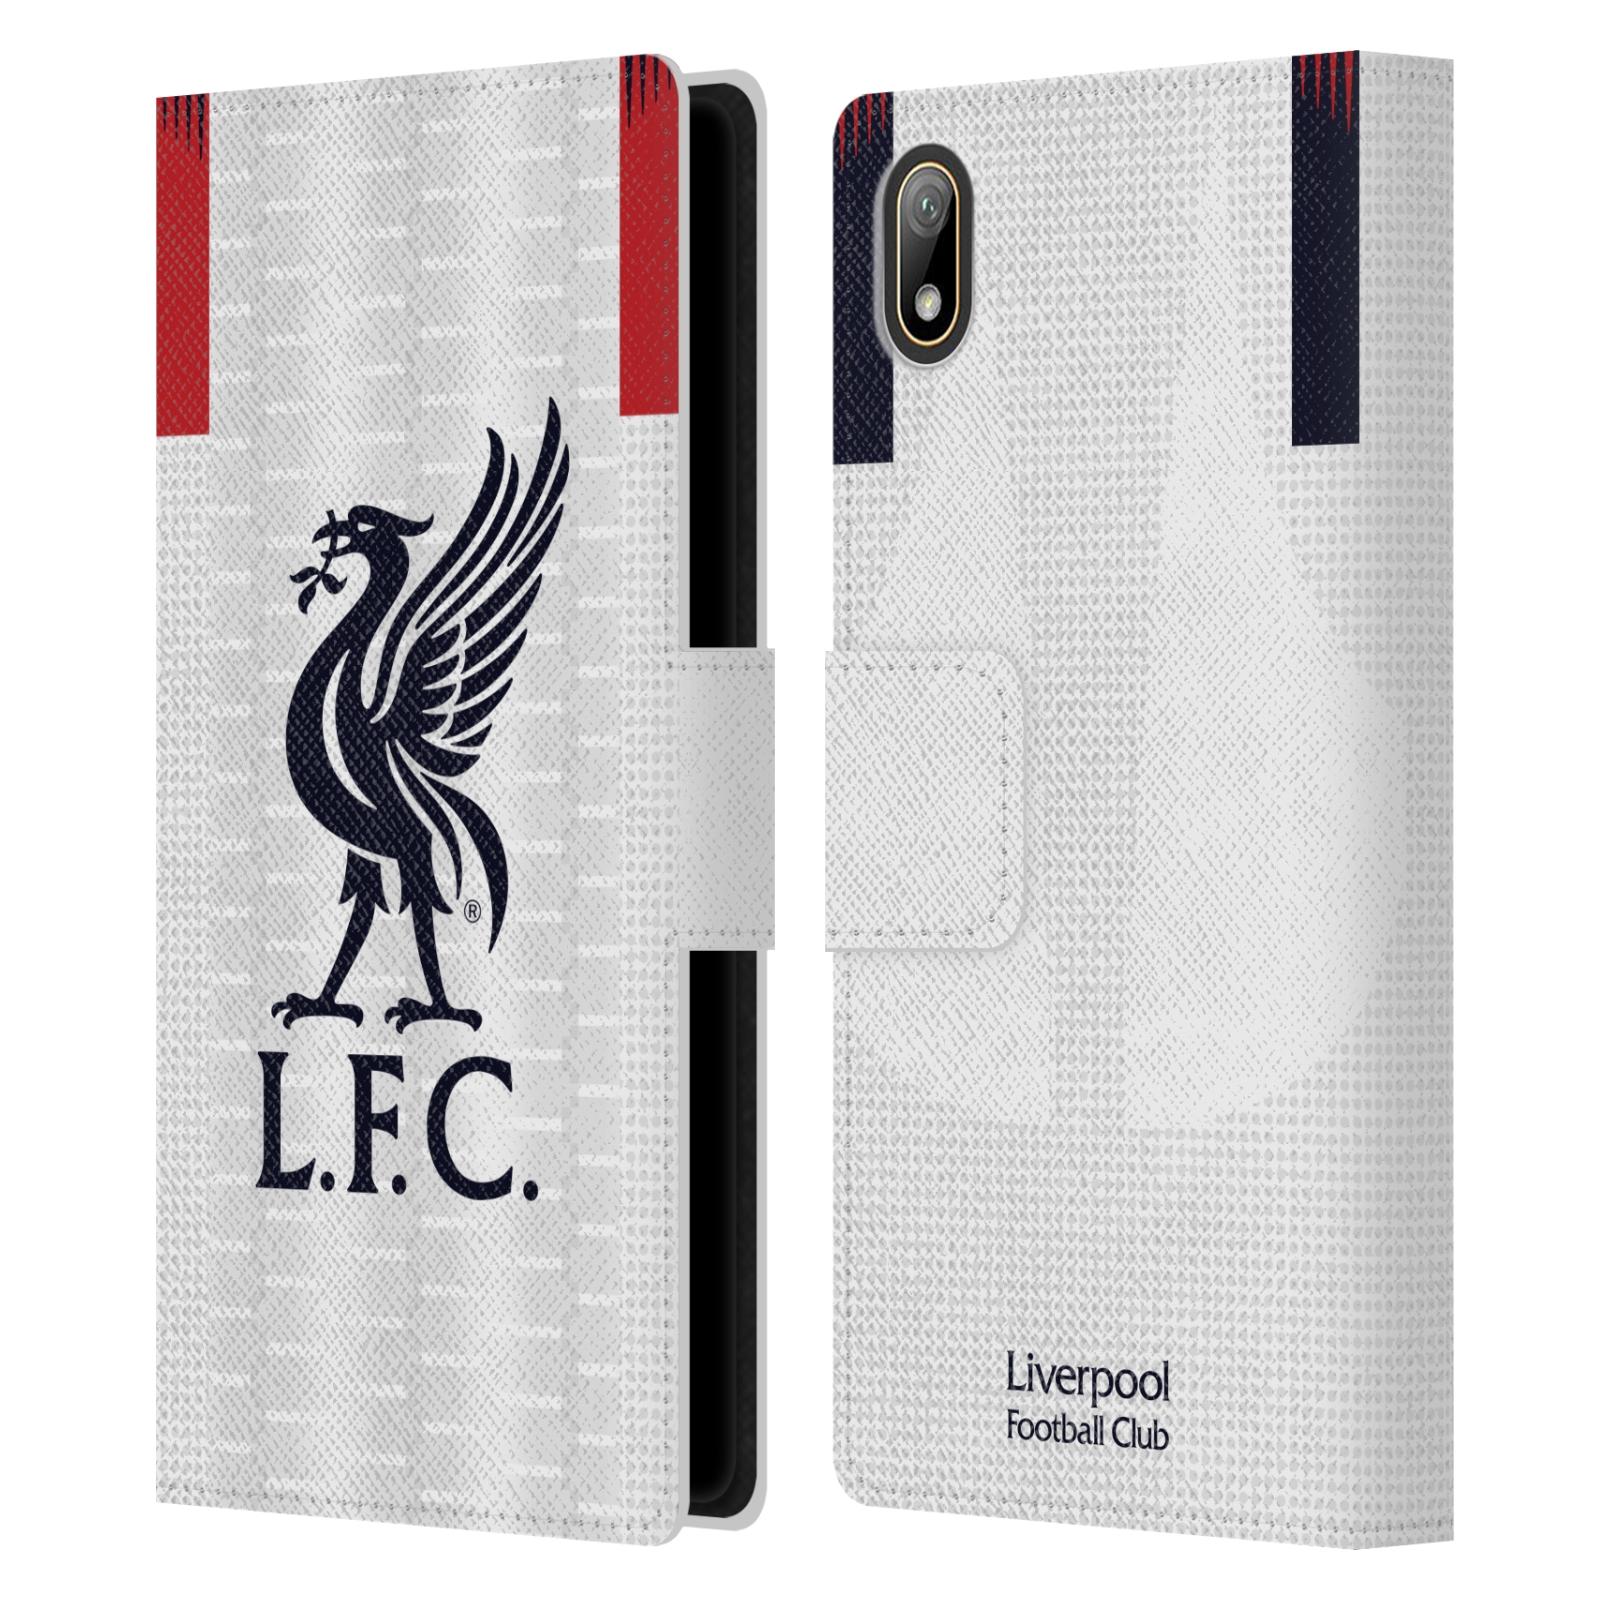 Pouzdro na mobil Huawei Y5 2019 - Head Case - fotbalový klub liverpool bílý dres